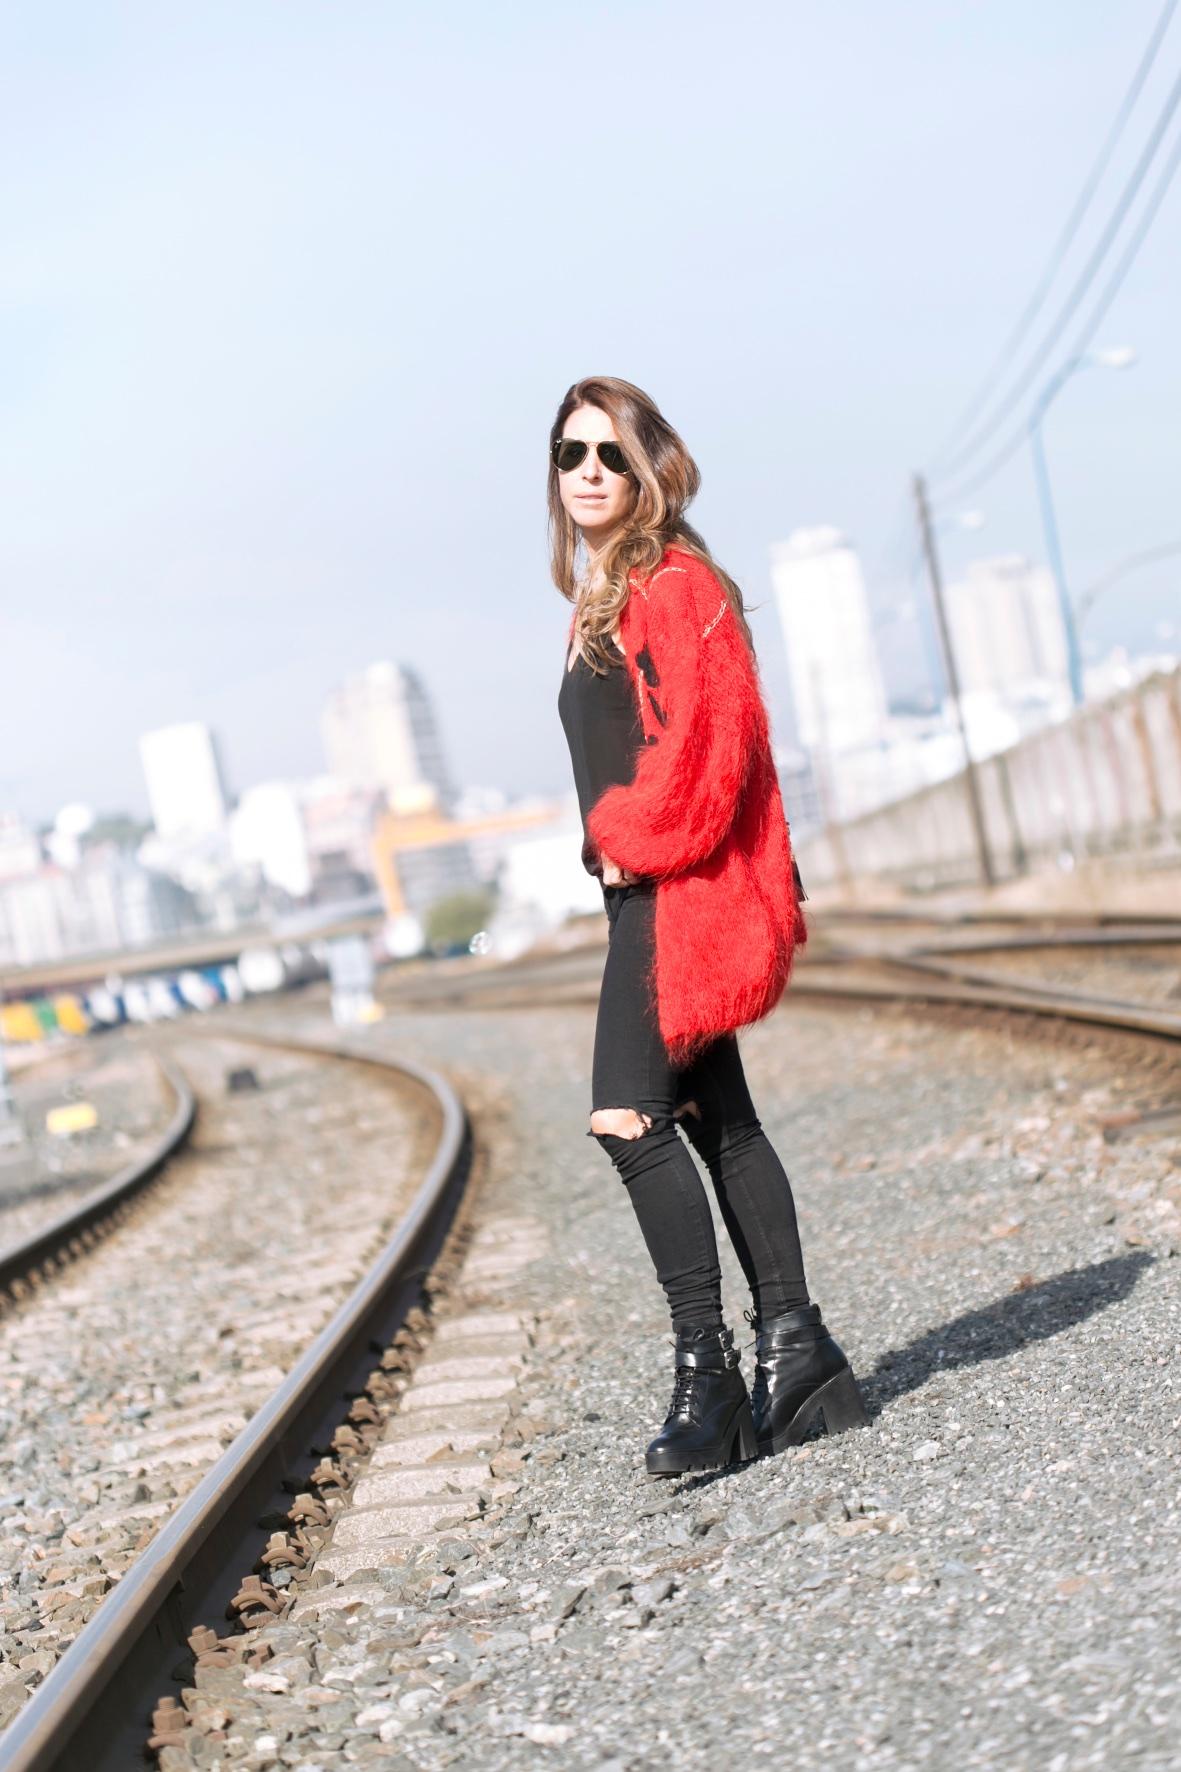 fashion-blogger-coruña-vias-style-descalzaporelparque-zara